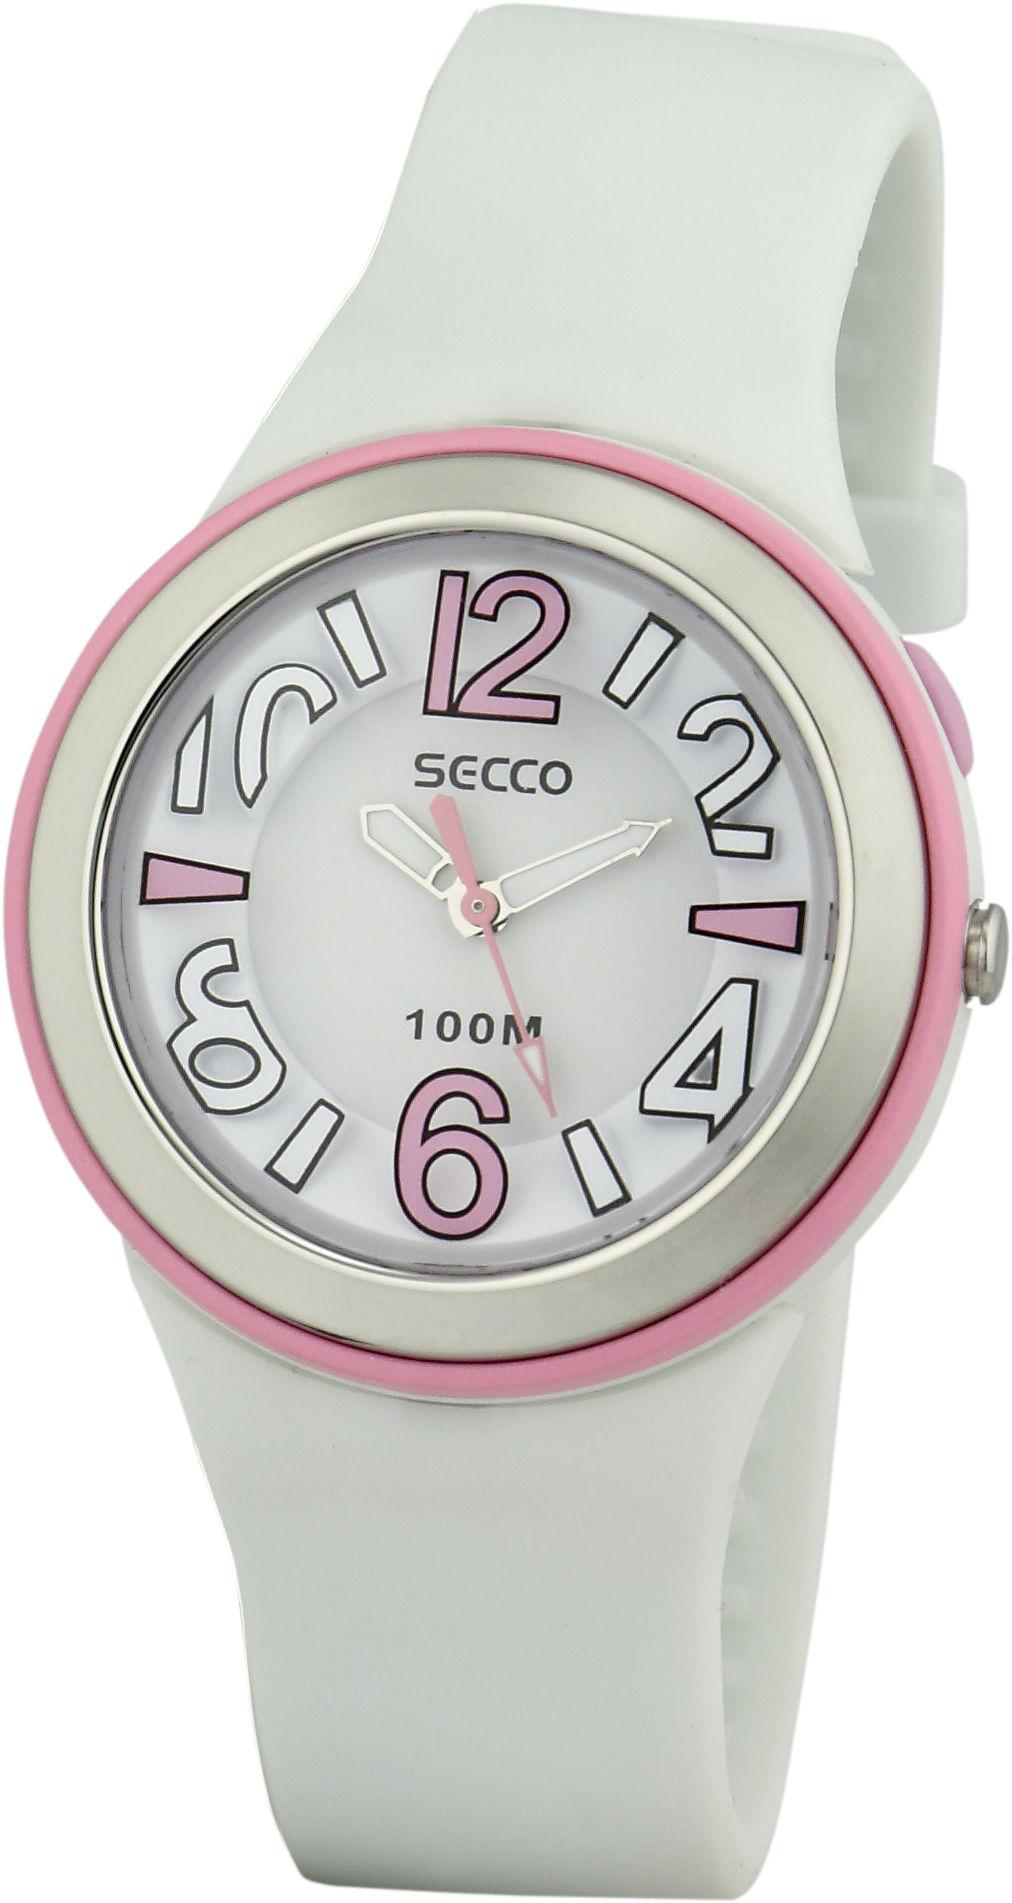 Hodinky Secco S DPPA-001 7fed61910c